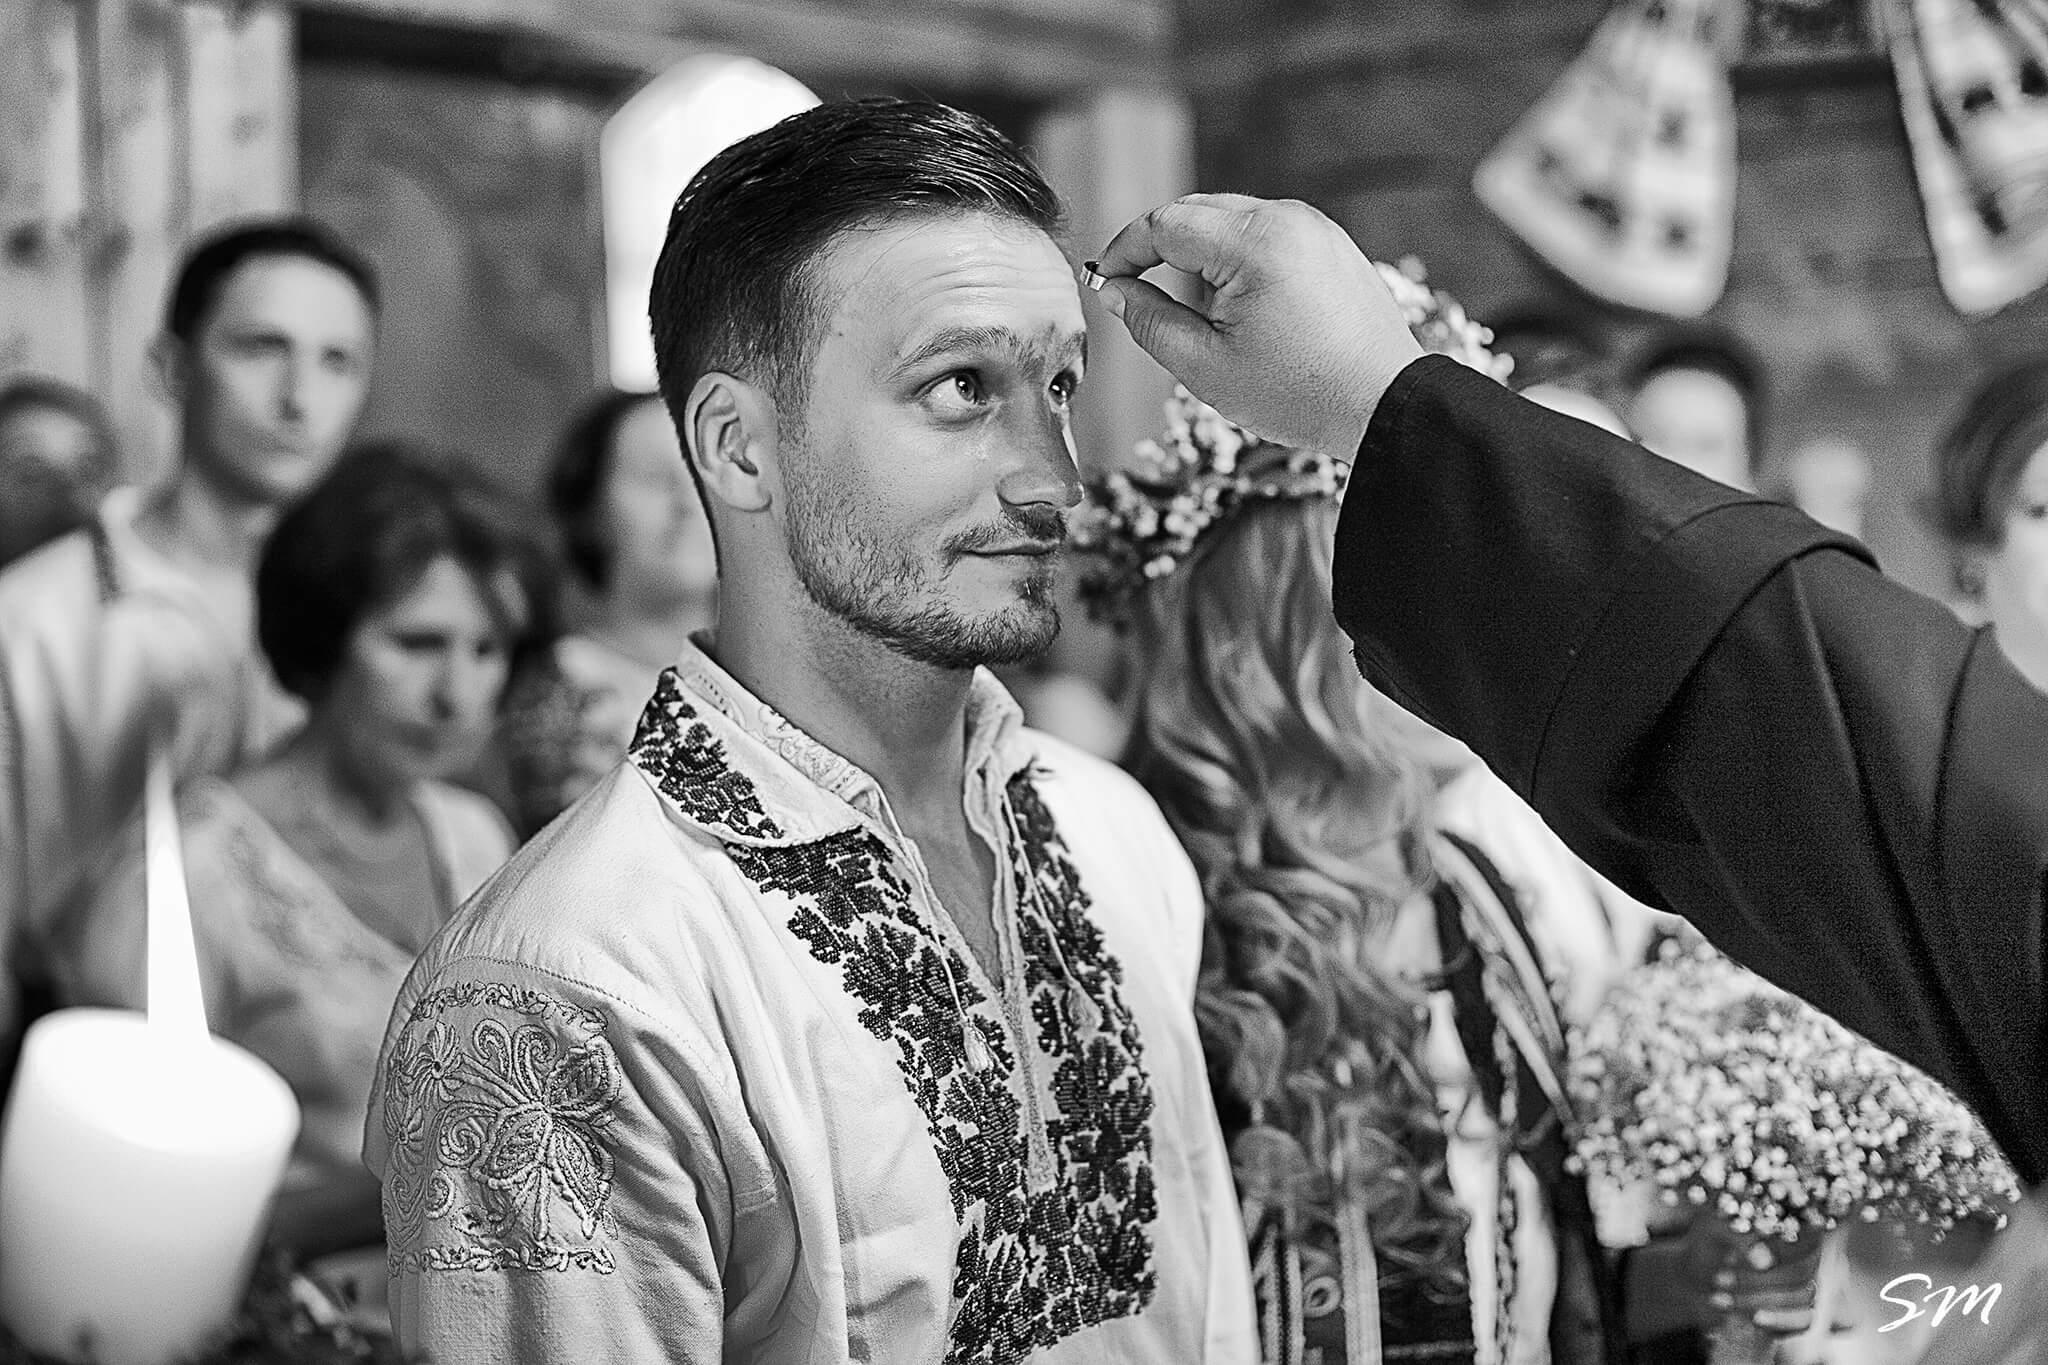 fotografii_nunta_suceava_muzeul_satului (4)